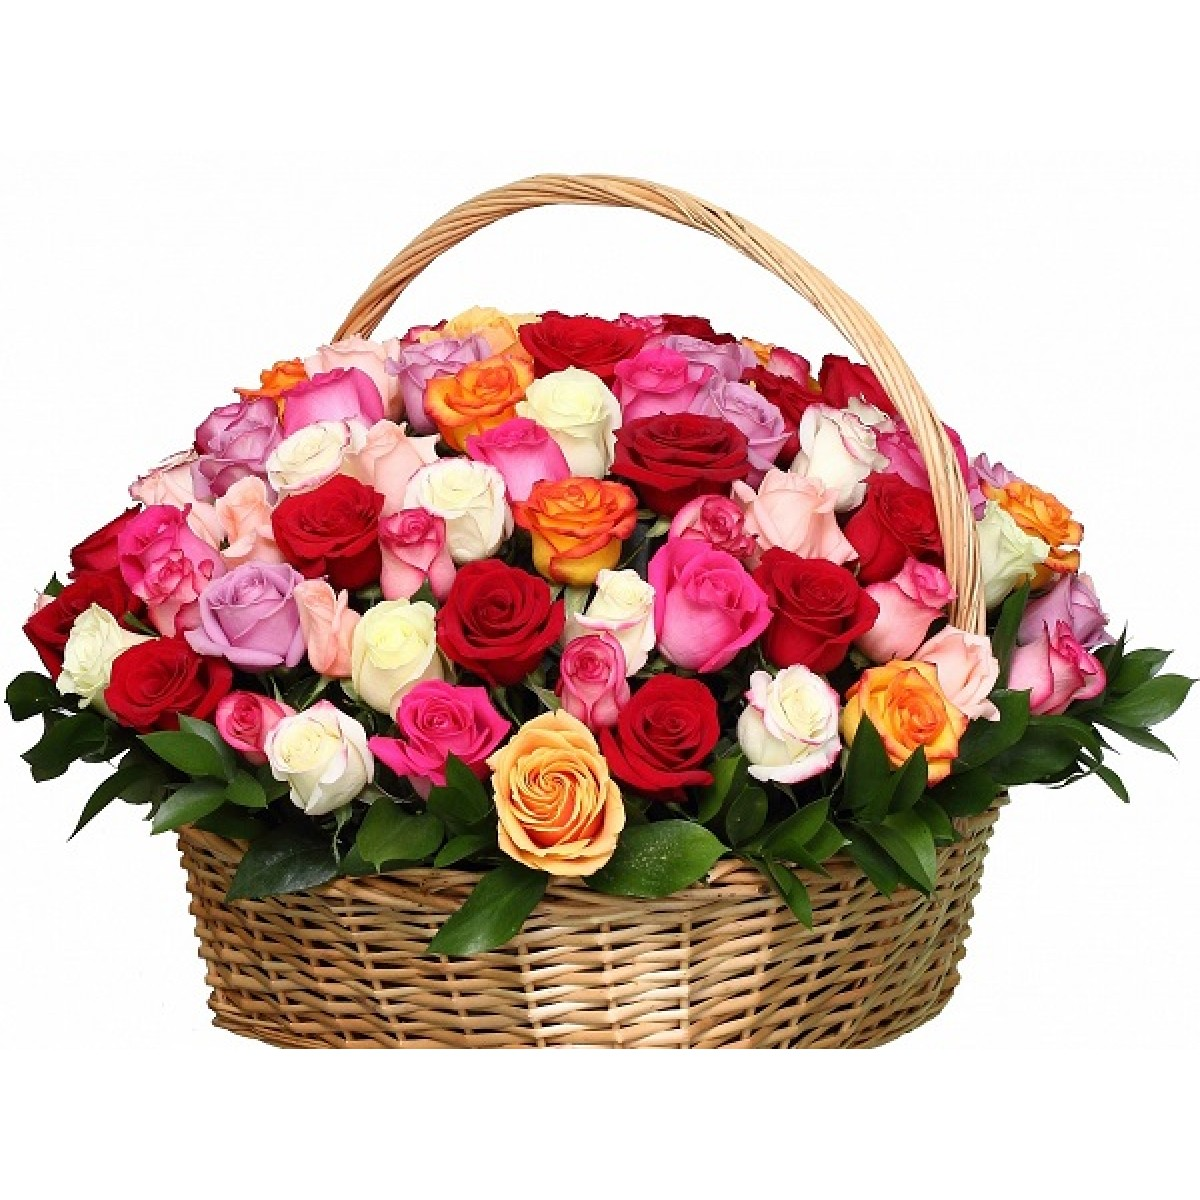 взять красивые корзины с цветами картинки букеты кто советуеть